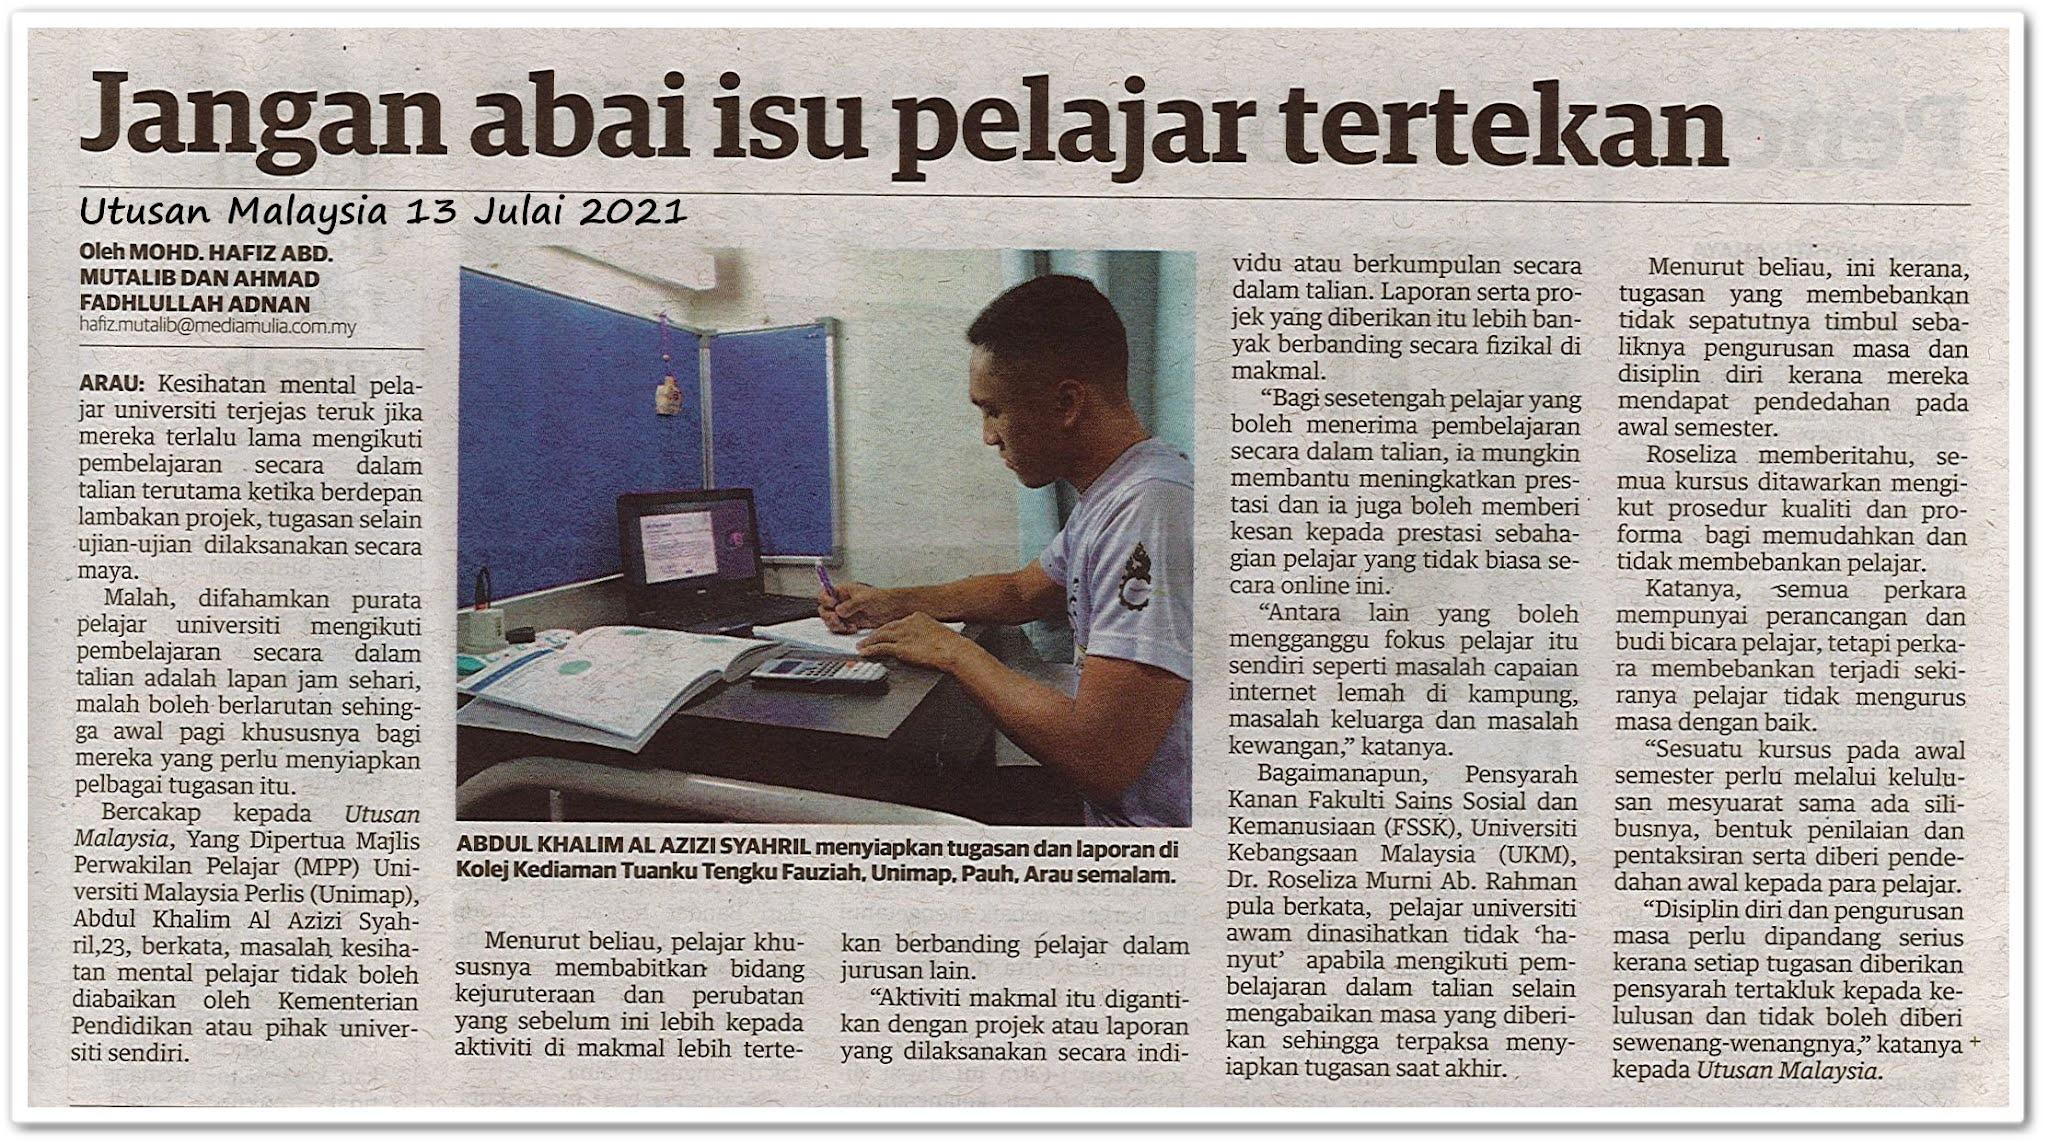 Jangan abai isu pelajar tertekan - Keratan akhbar Utusan Malaysia 13 Julai 2021